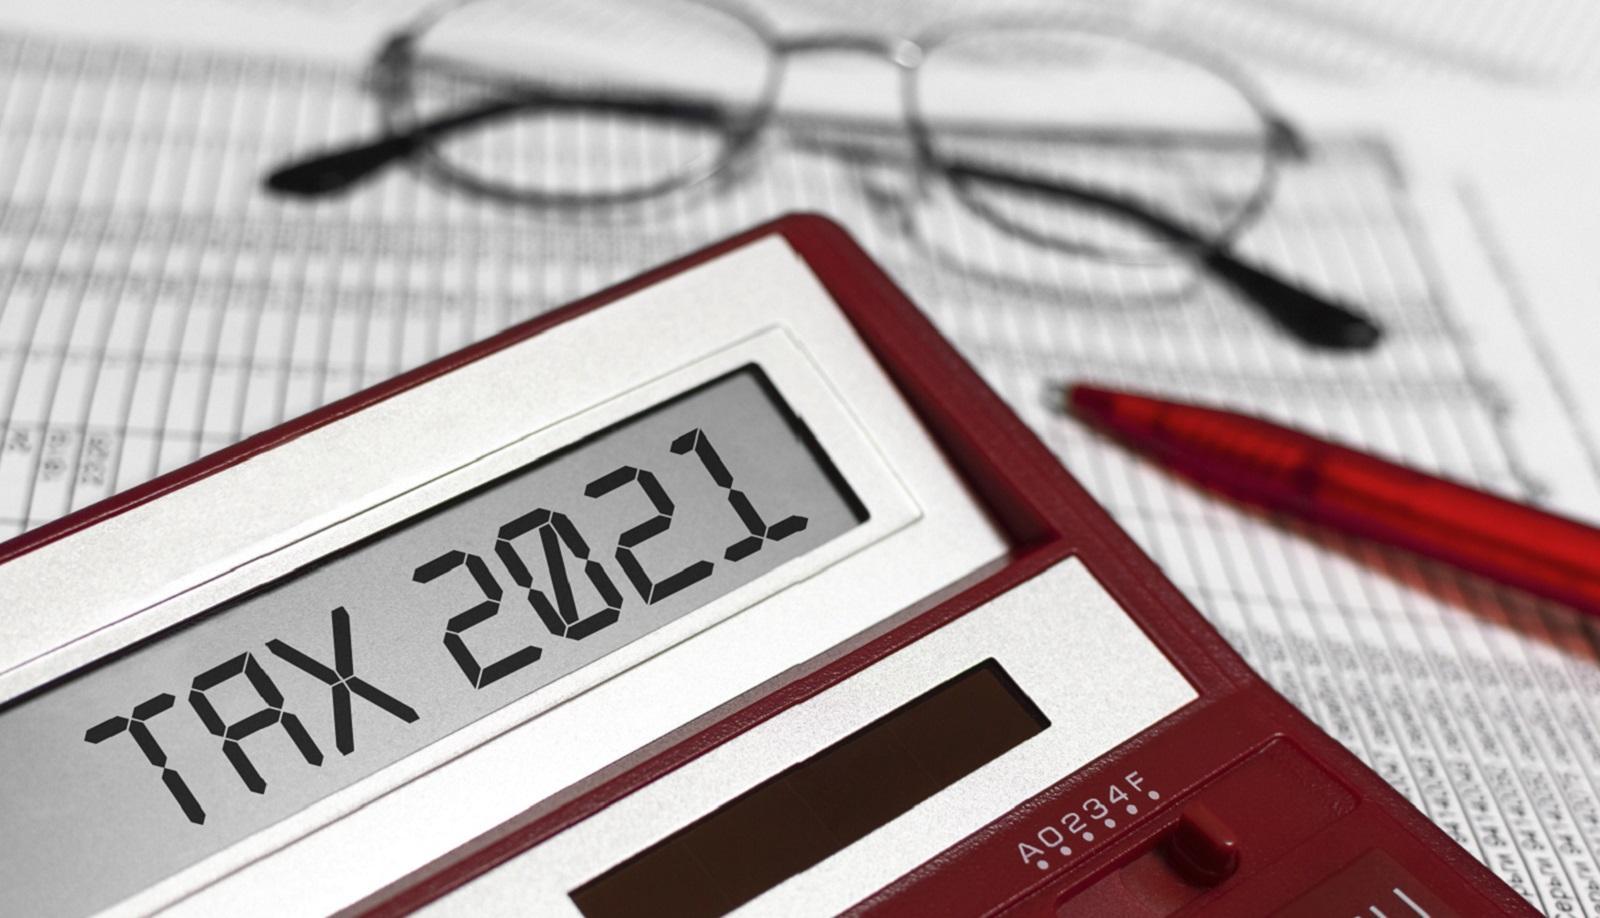 Kivás adózók ellenőrzése májustól